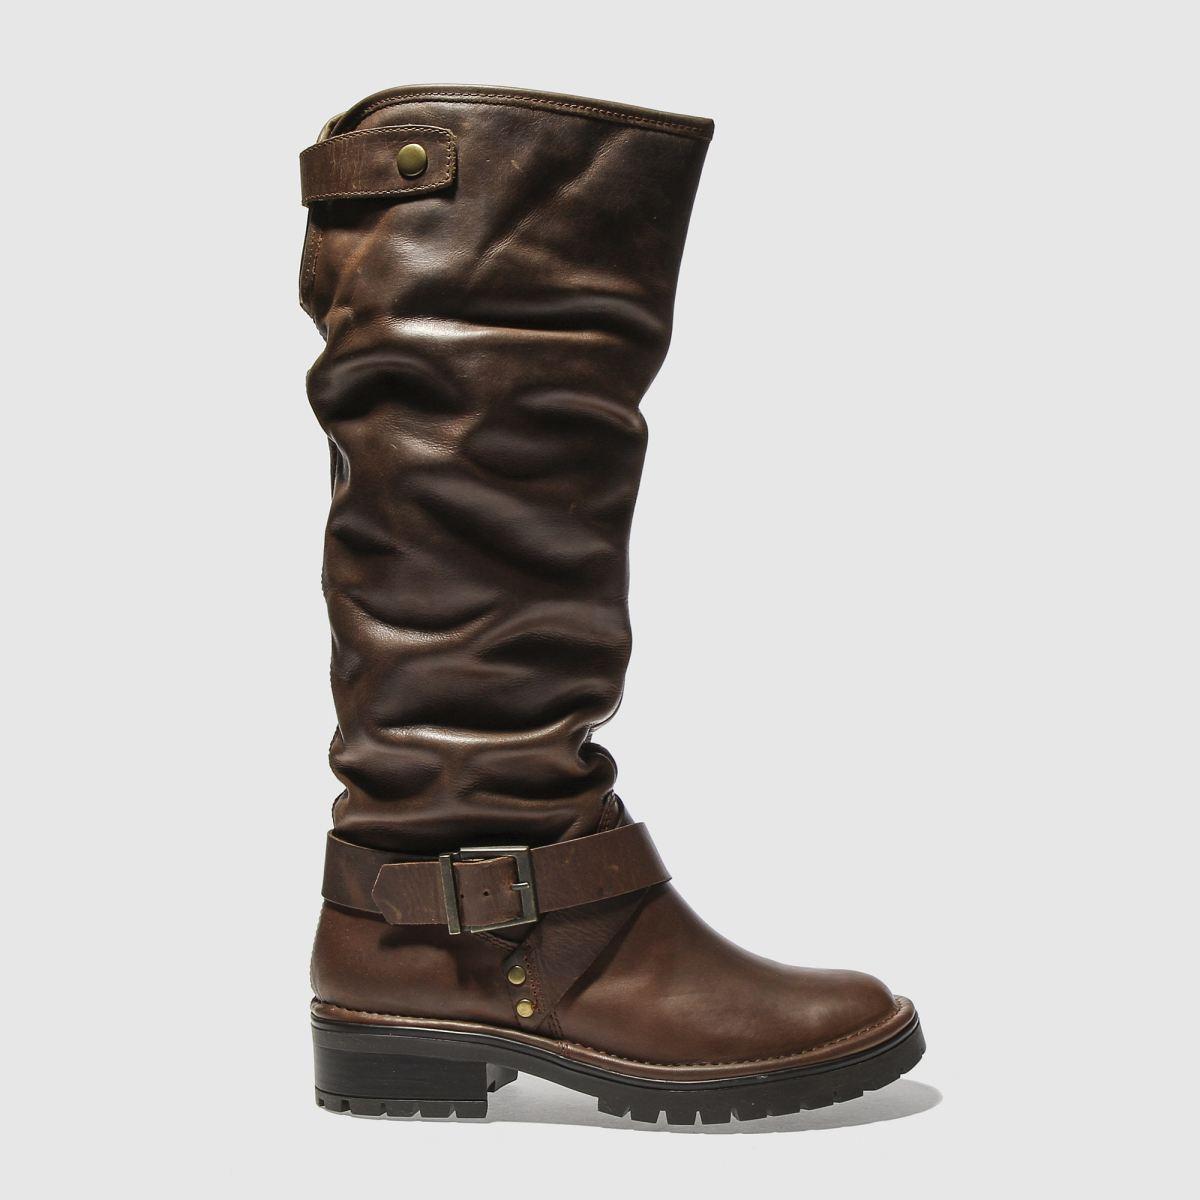 Schuh Brown Hopper Boots